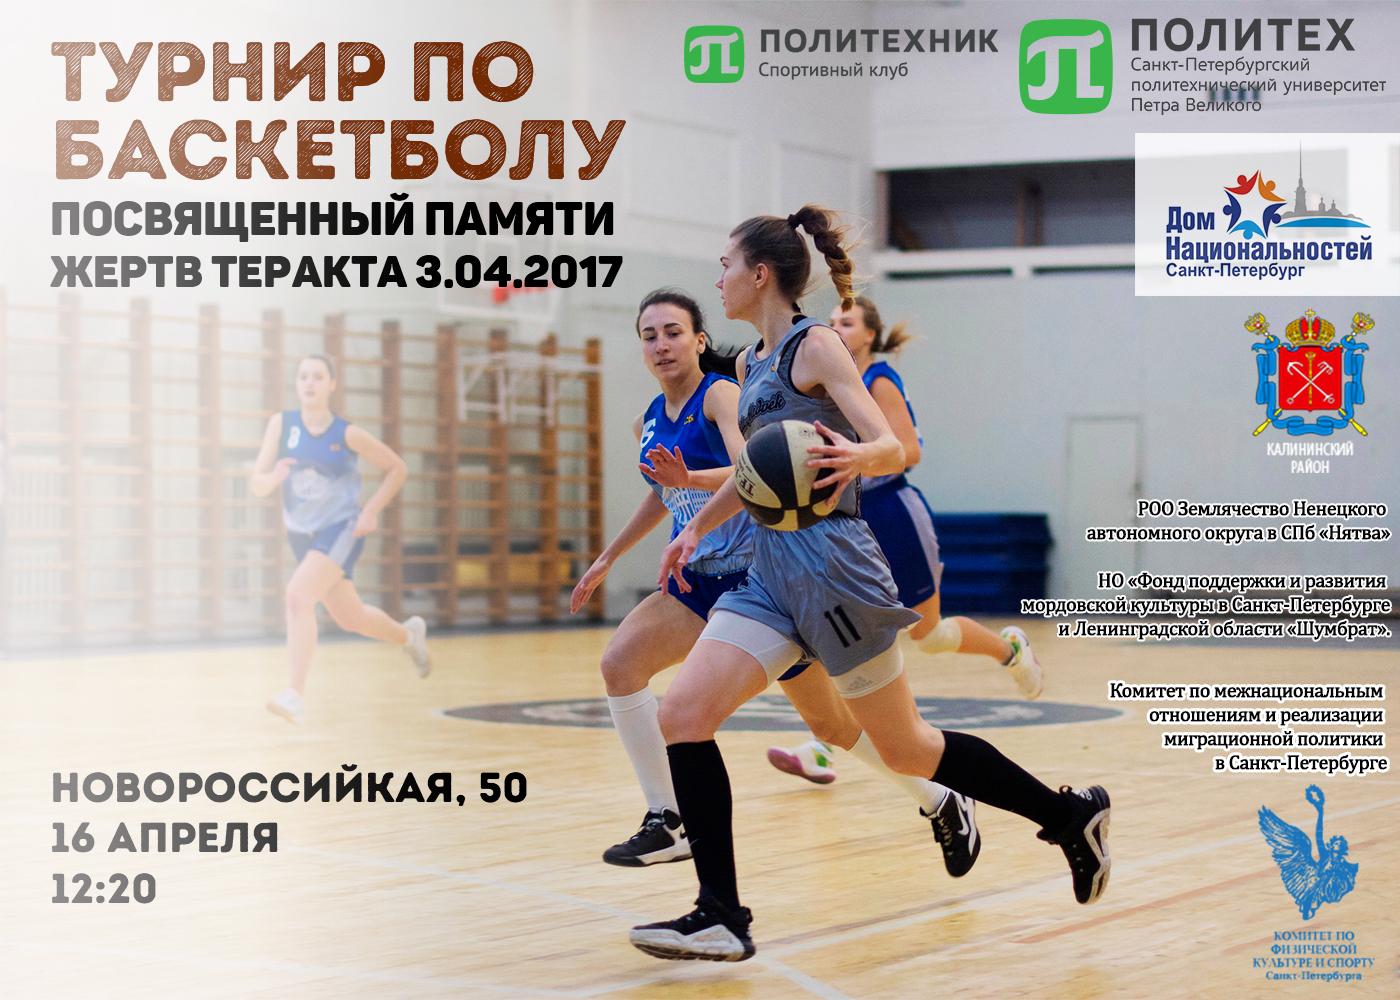 В СПбПУ состоится баскетбольный турнир, посвященный памяти жертв теракта в Петербурге